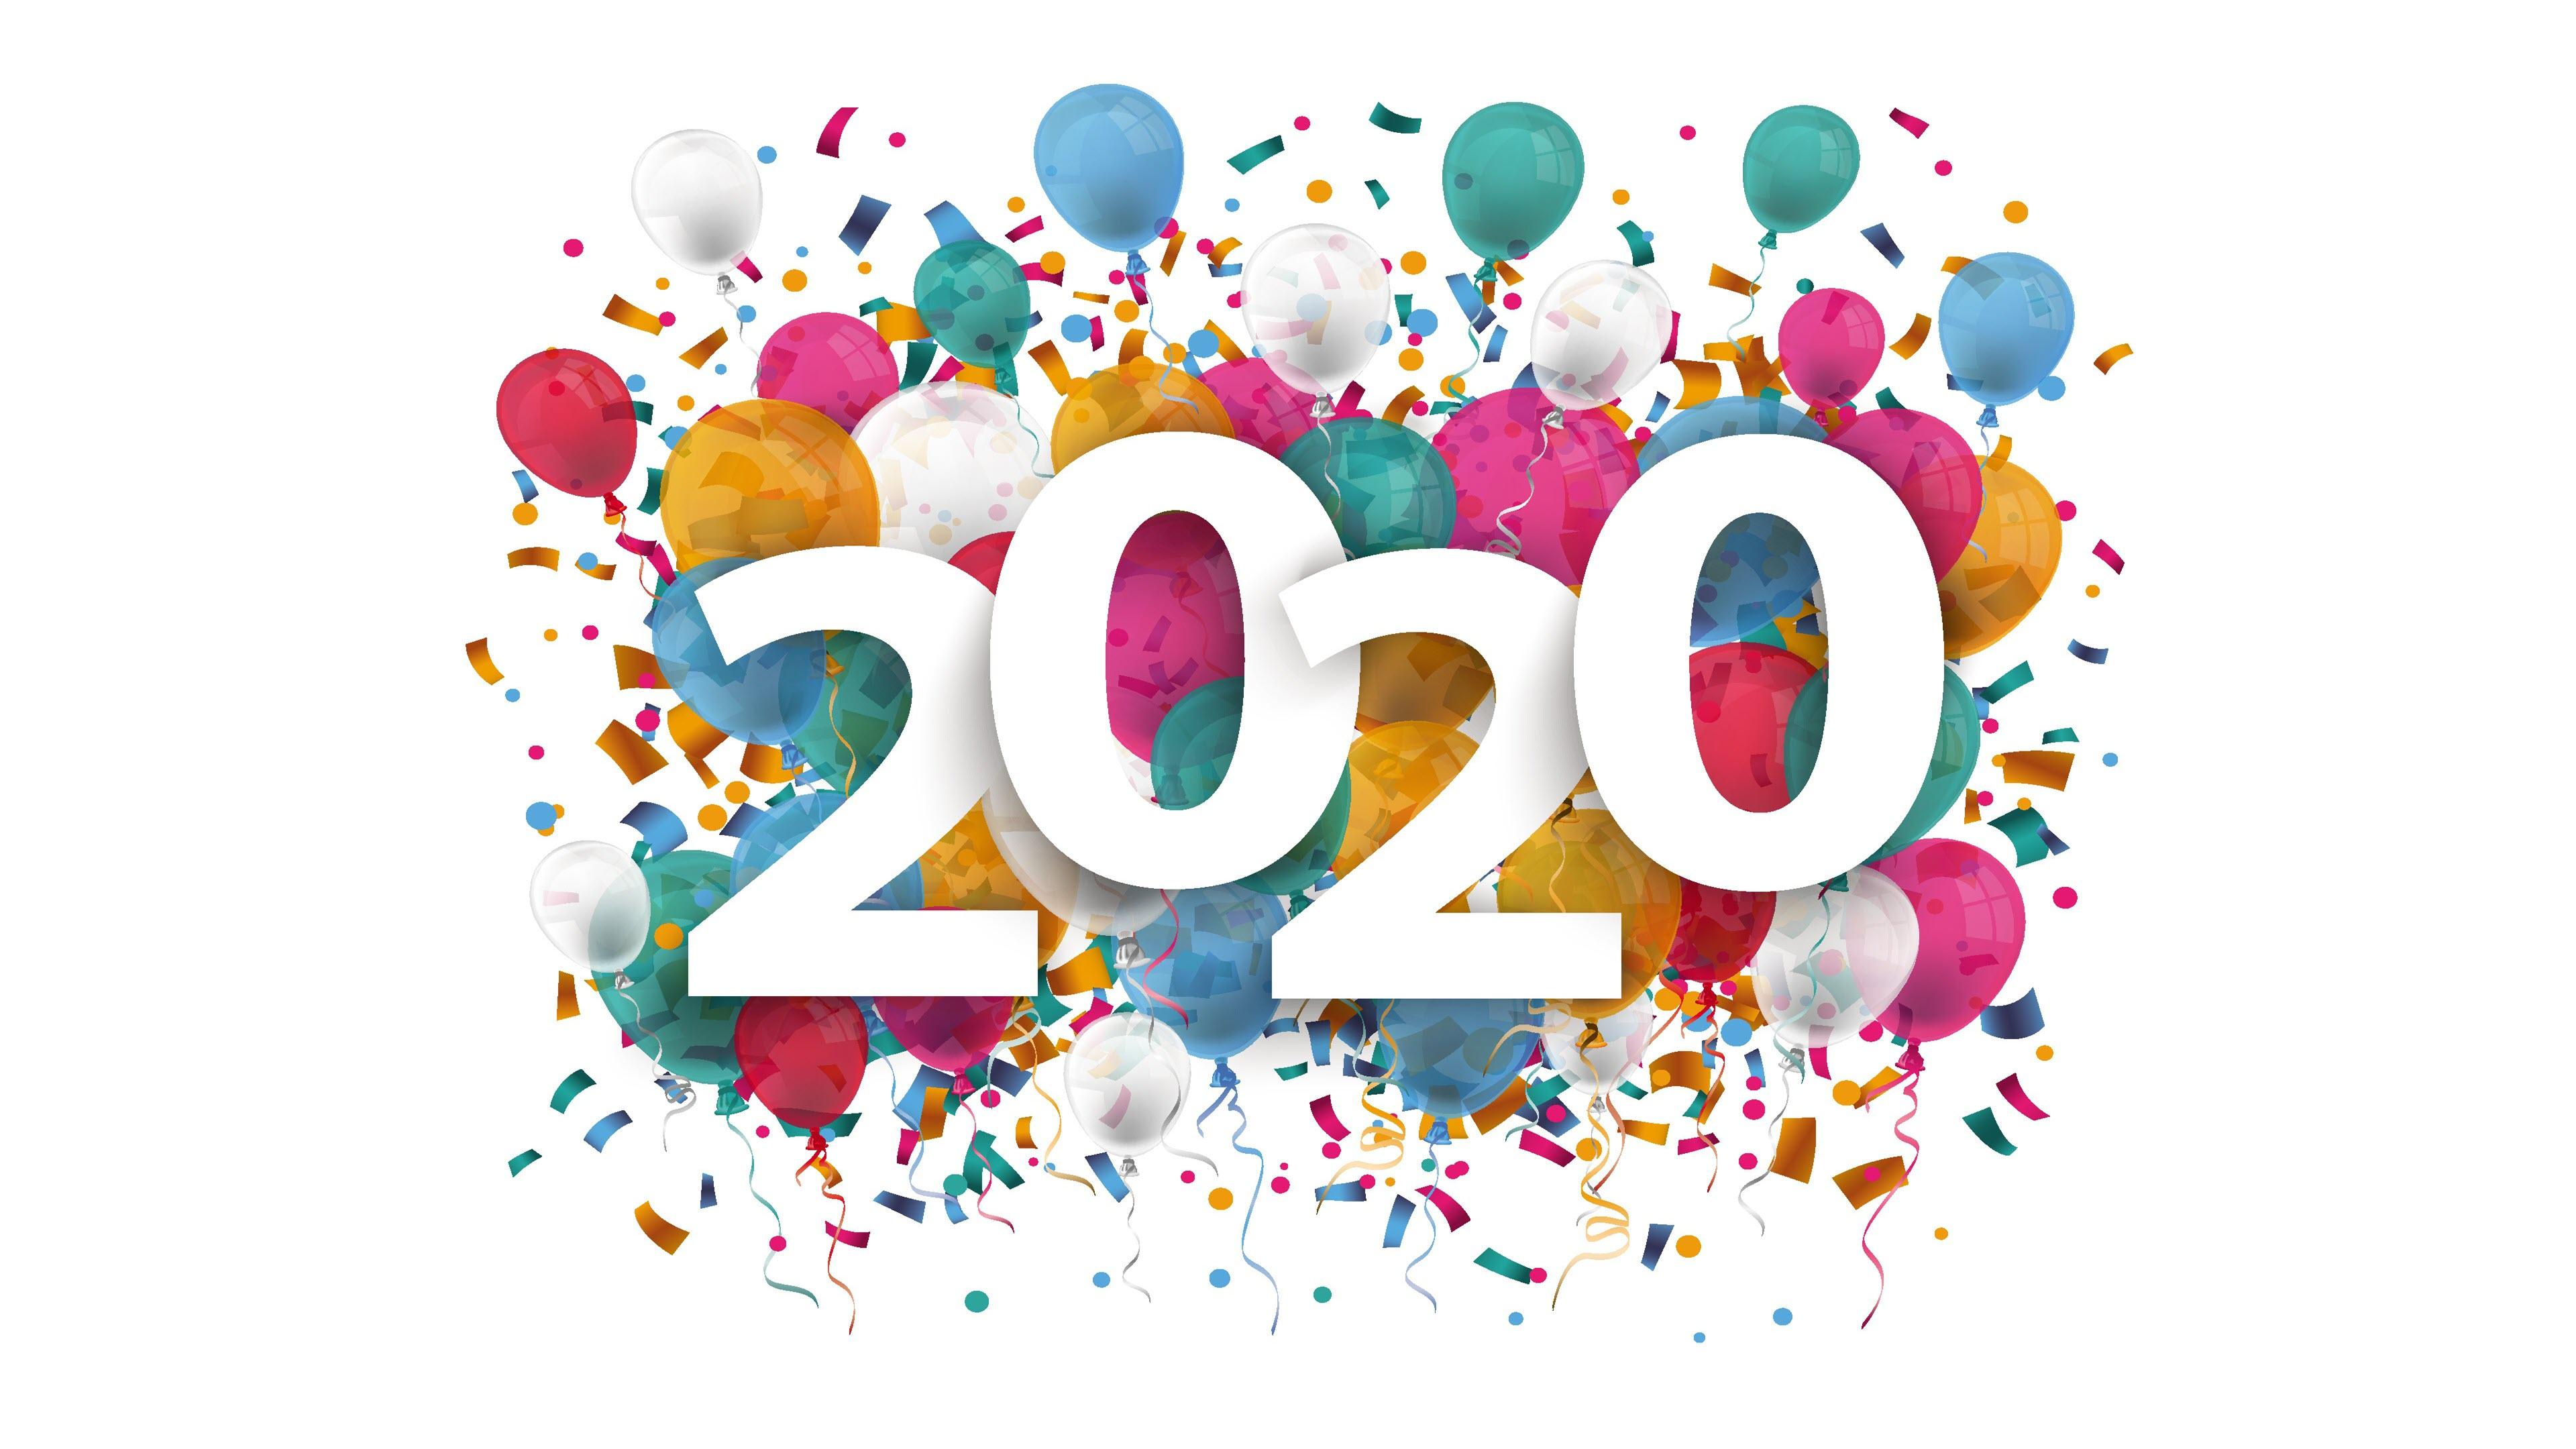 Hình nền mừng năm mới 2020 4K